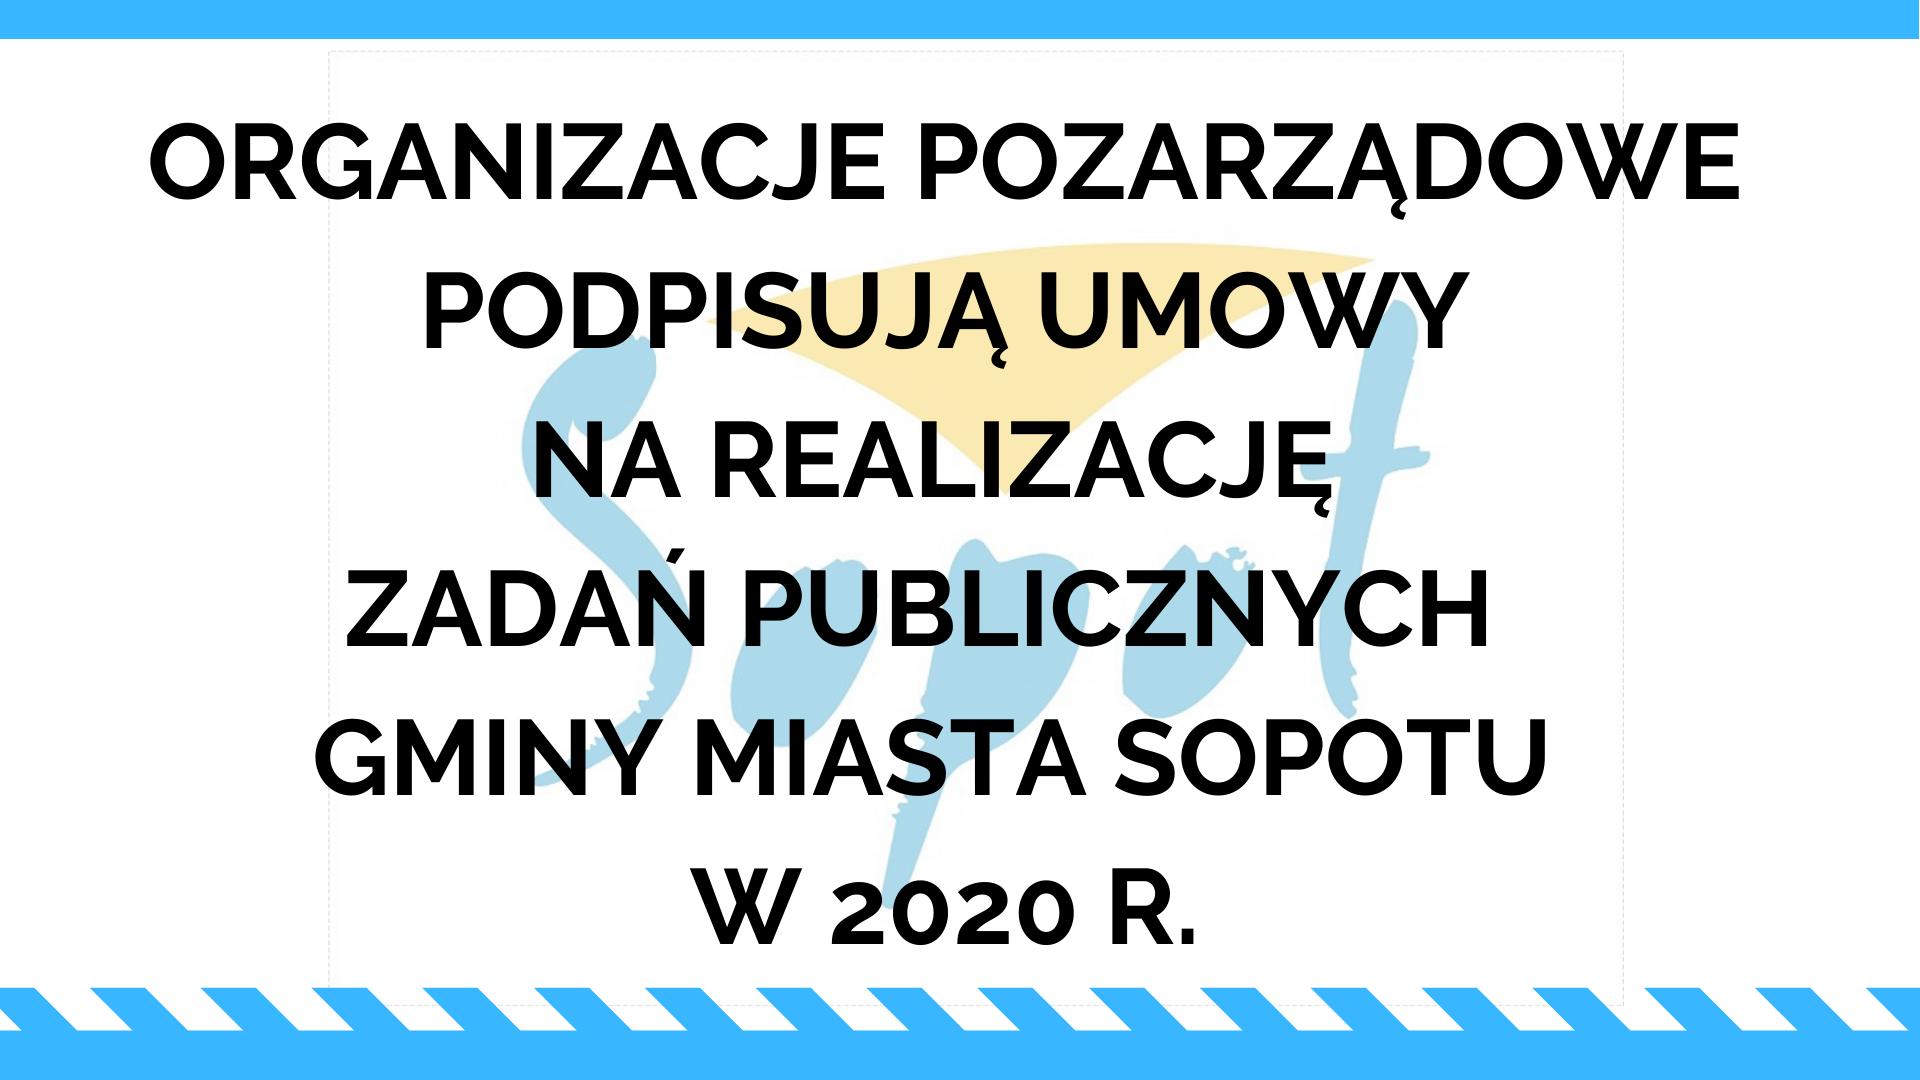 Znamy rozstrzygnięcia Prezydenta w zakresie zlecenia organizacjom pozarządowym zadań publicznych w 2020 r.